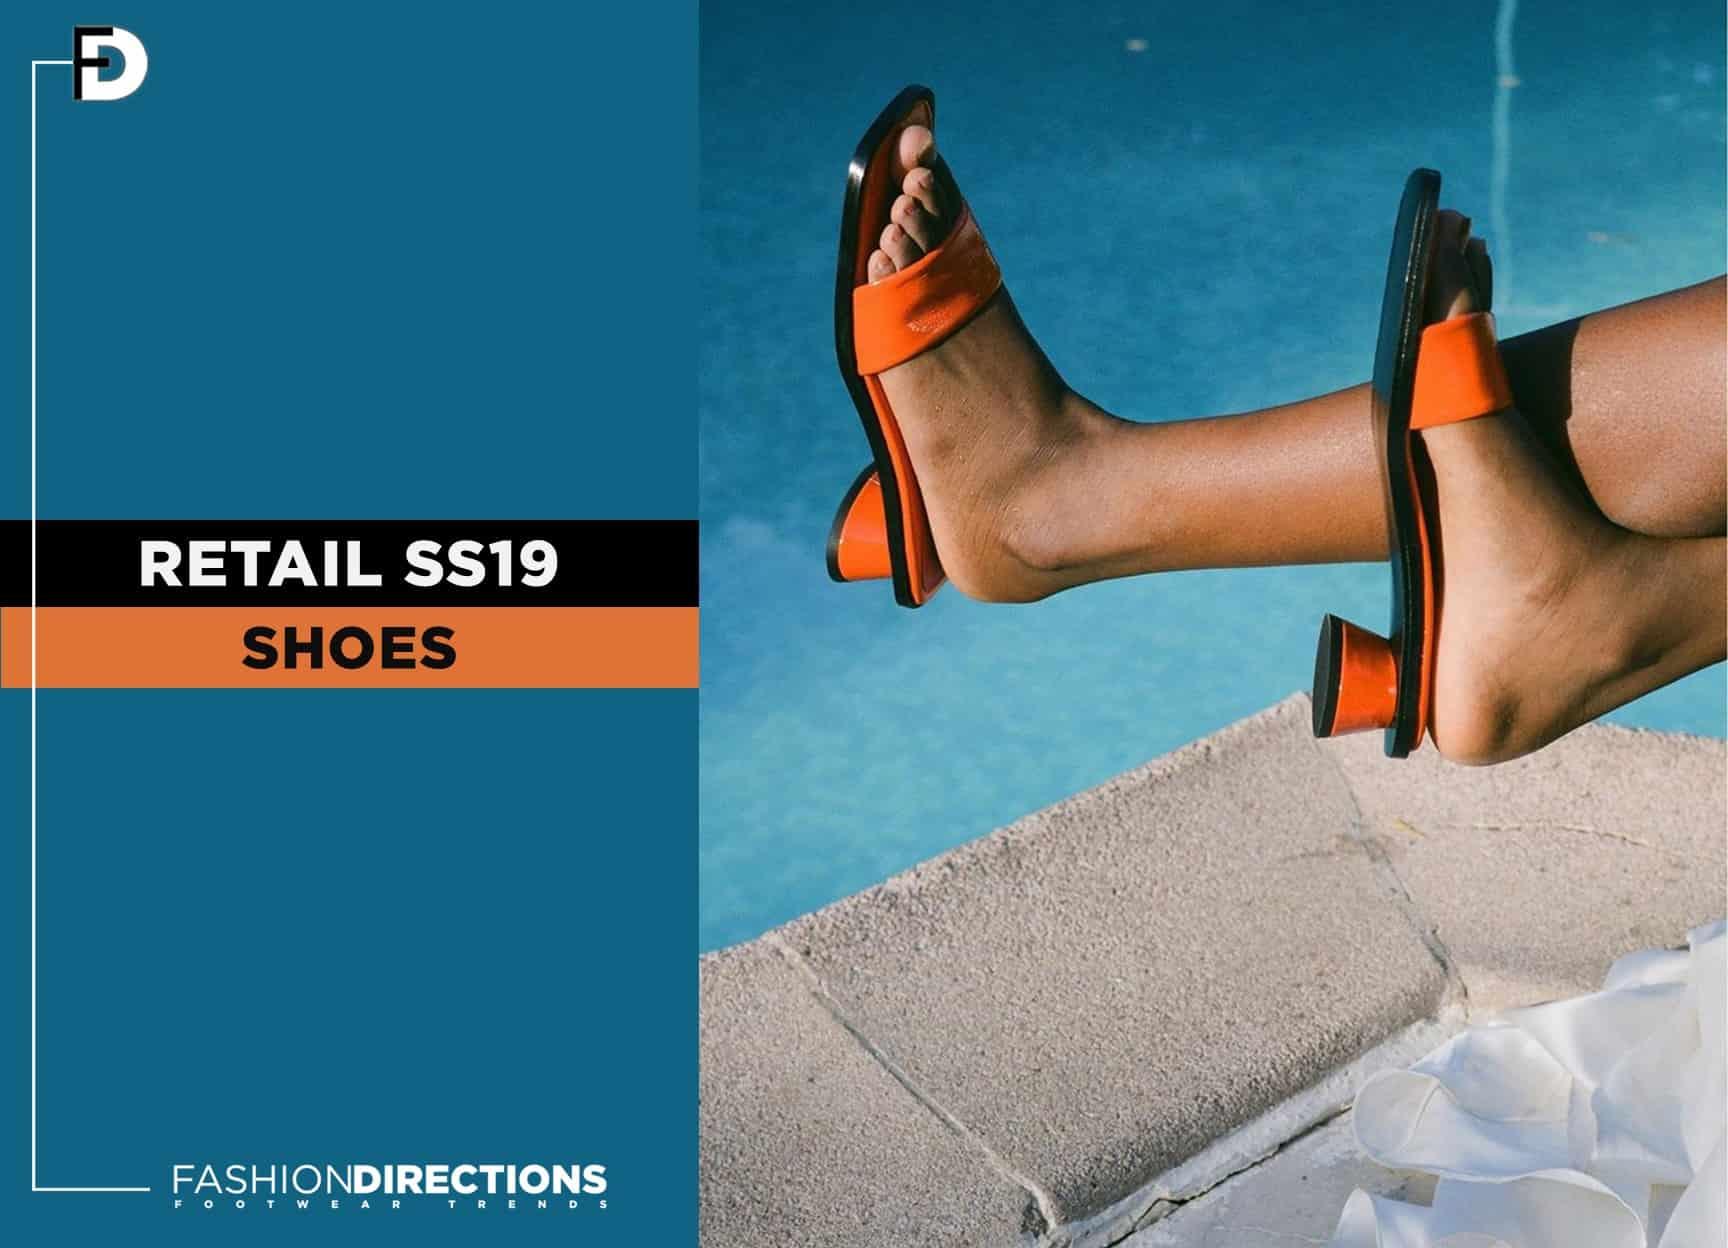 SS19 footwear 1